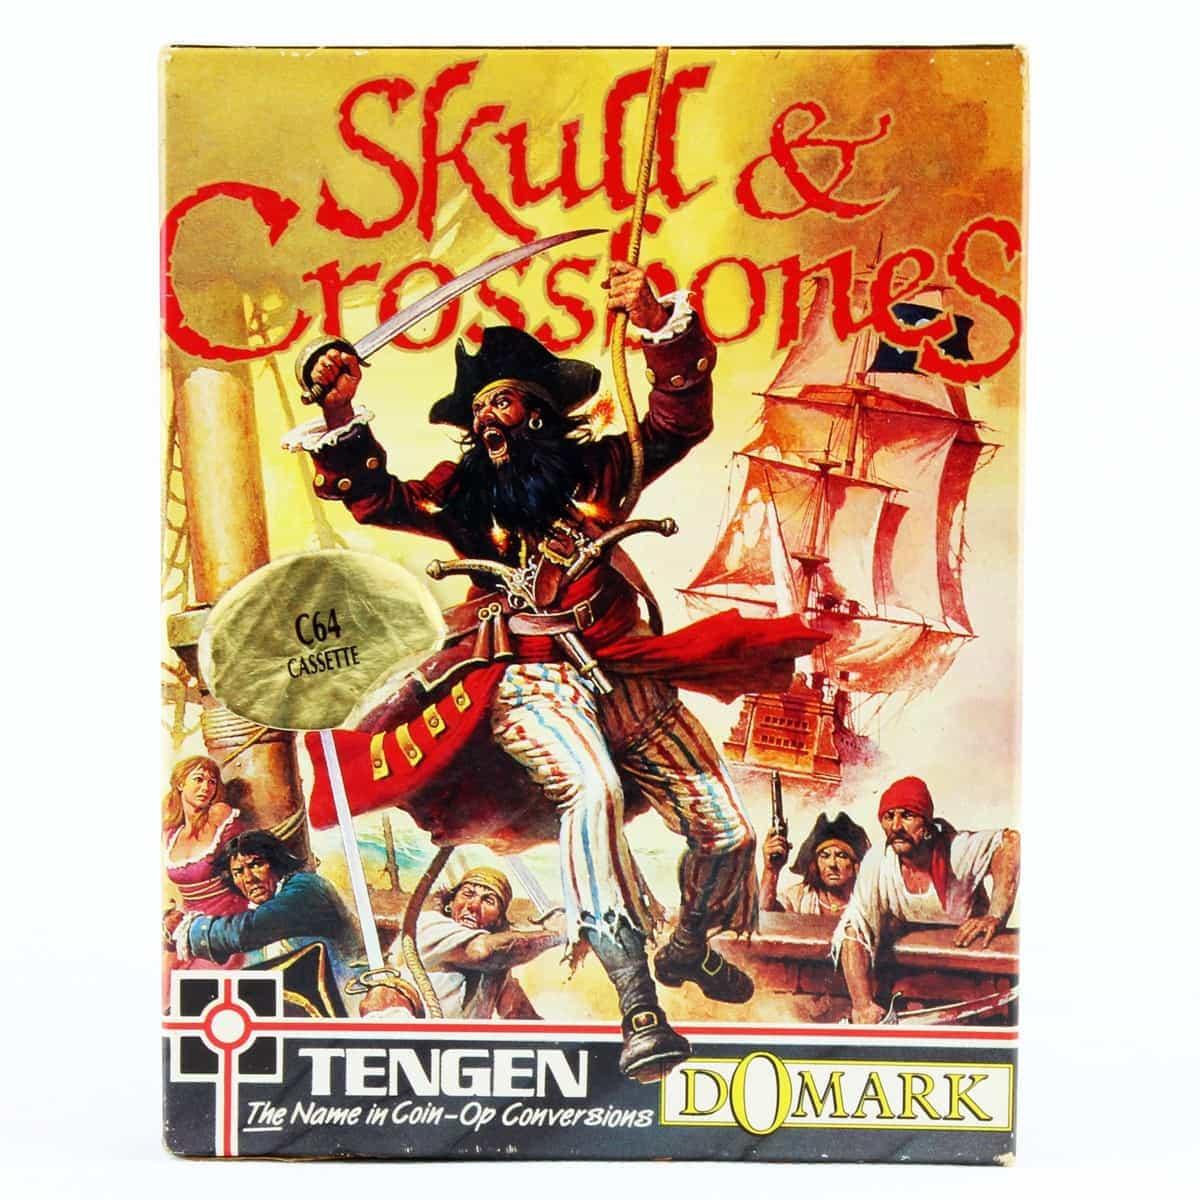 Skull & Crossbones (C64 Cassette)